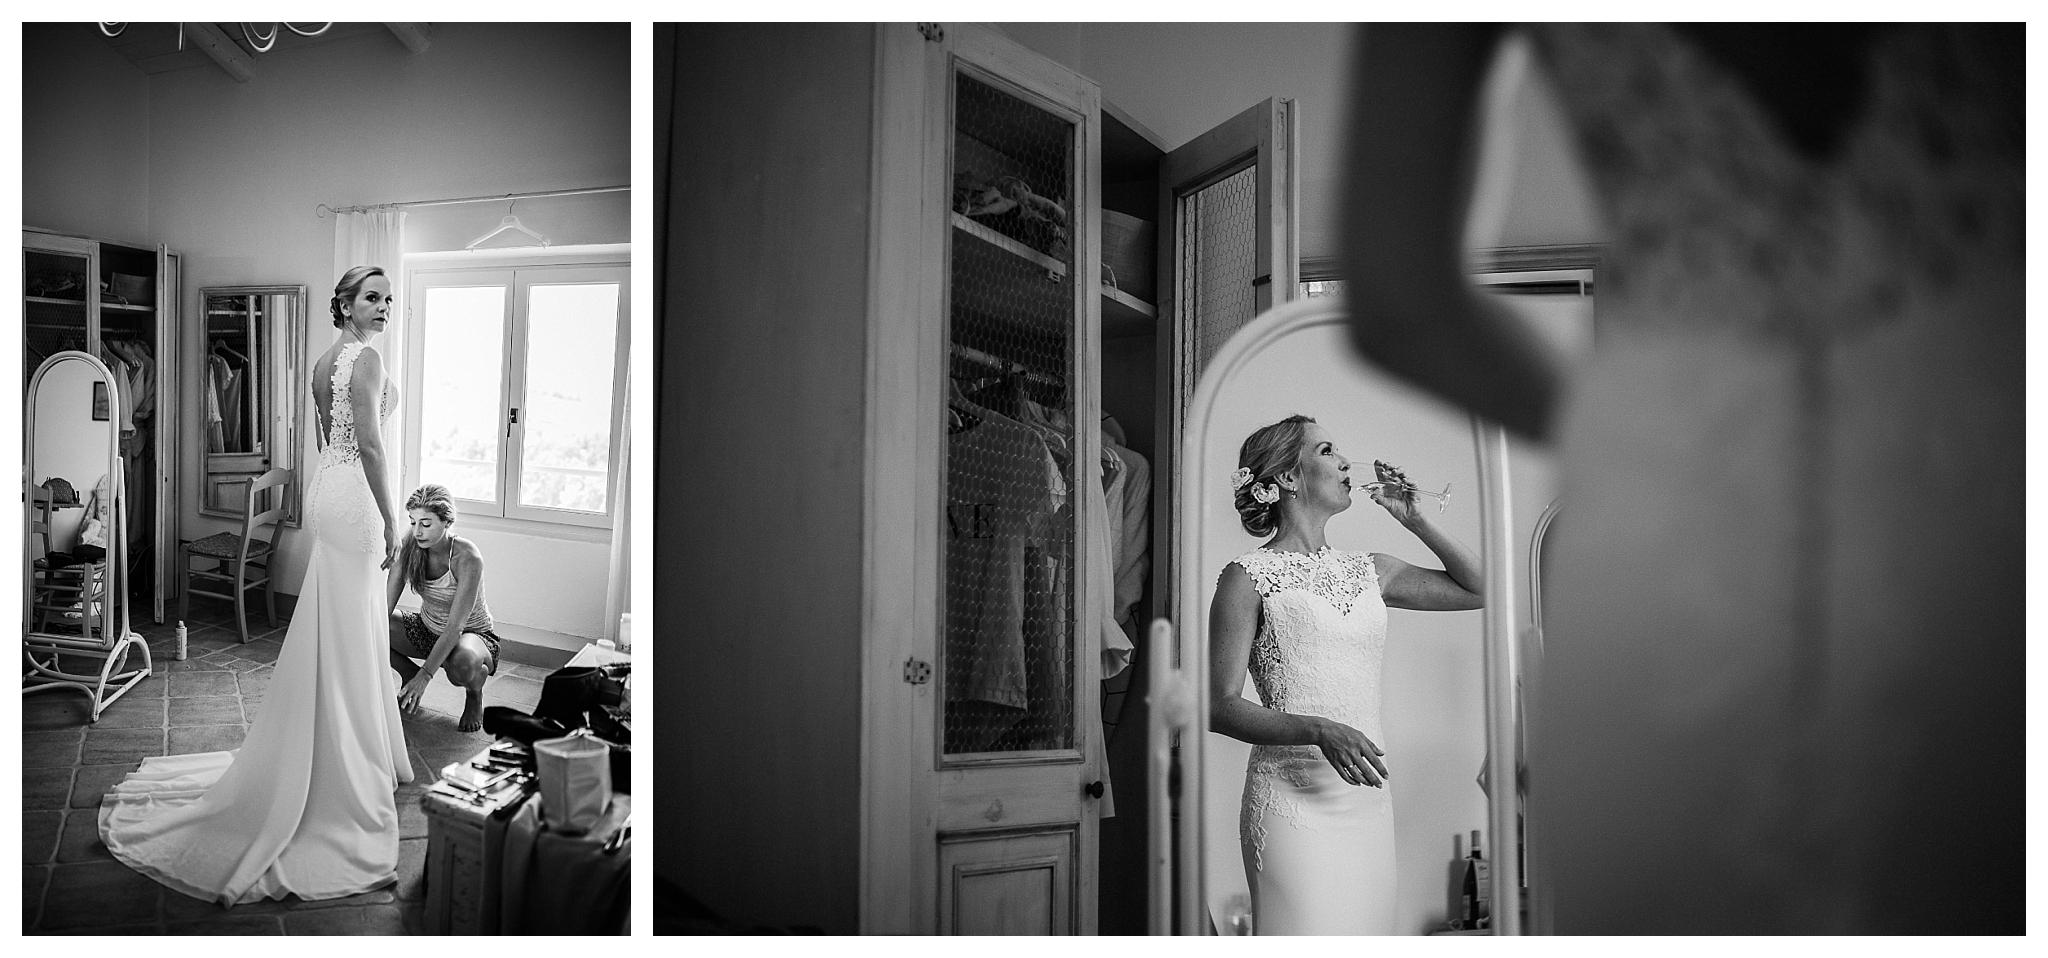 Bride in embroidered white wedding gown at La Villa Hotel, Mombaruzzo